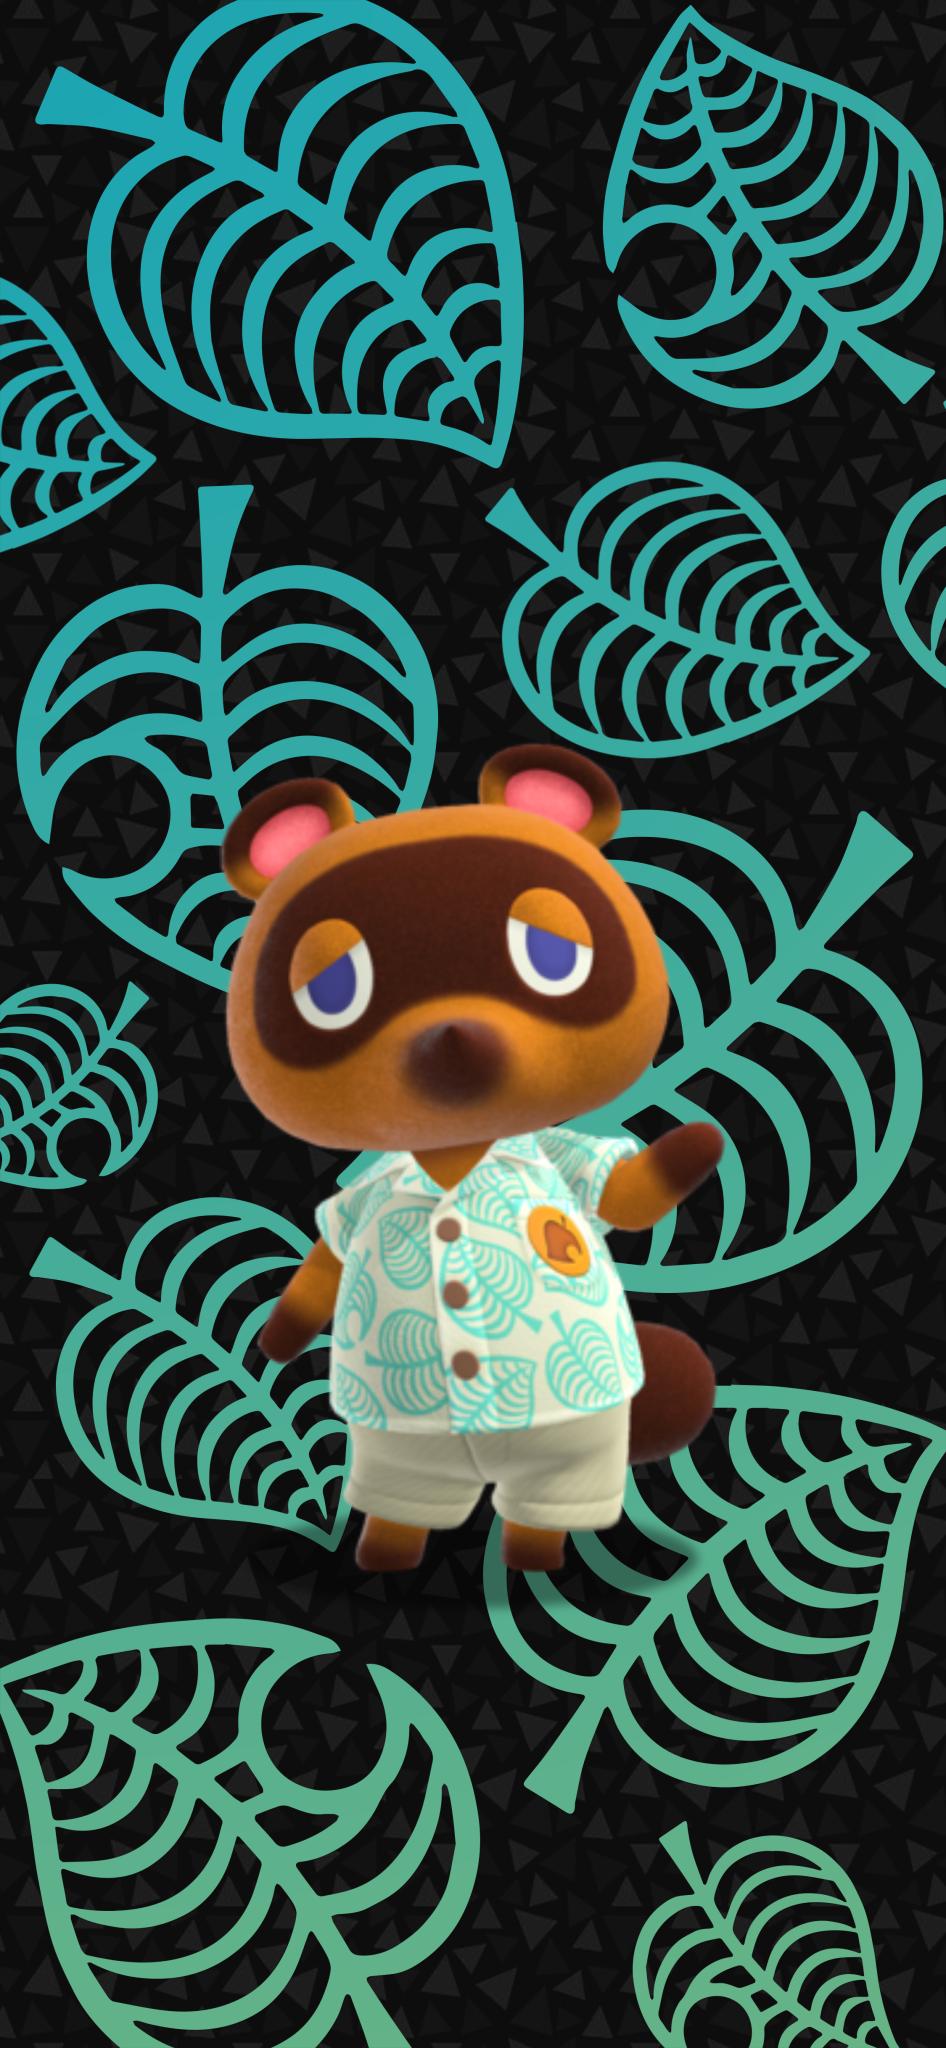 Animal Crossing New Horizons Telefon Hintergrundbilder Kostenlos Fur Die Gemeinschaft 1 Animal Crossing Animal Crossing Characters Animal Crossing Funny